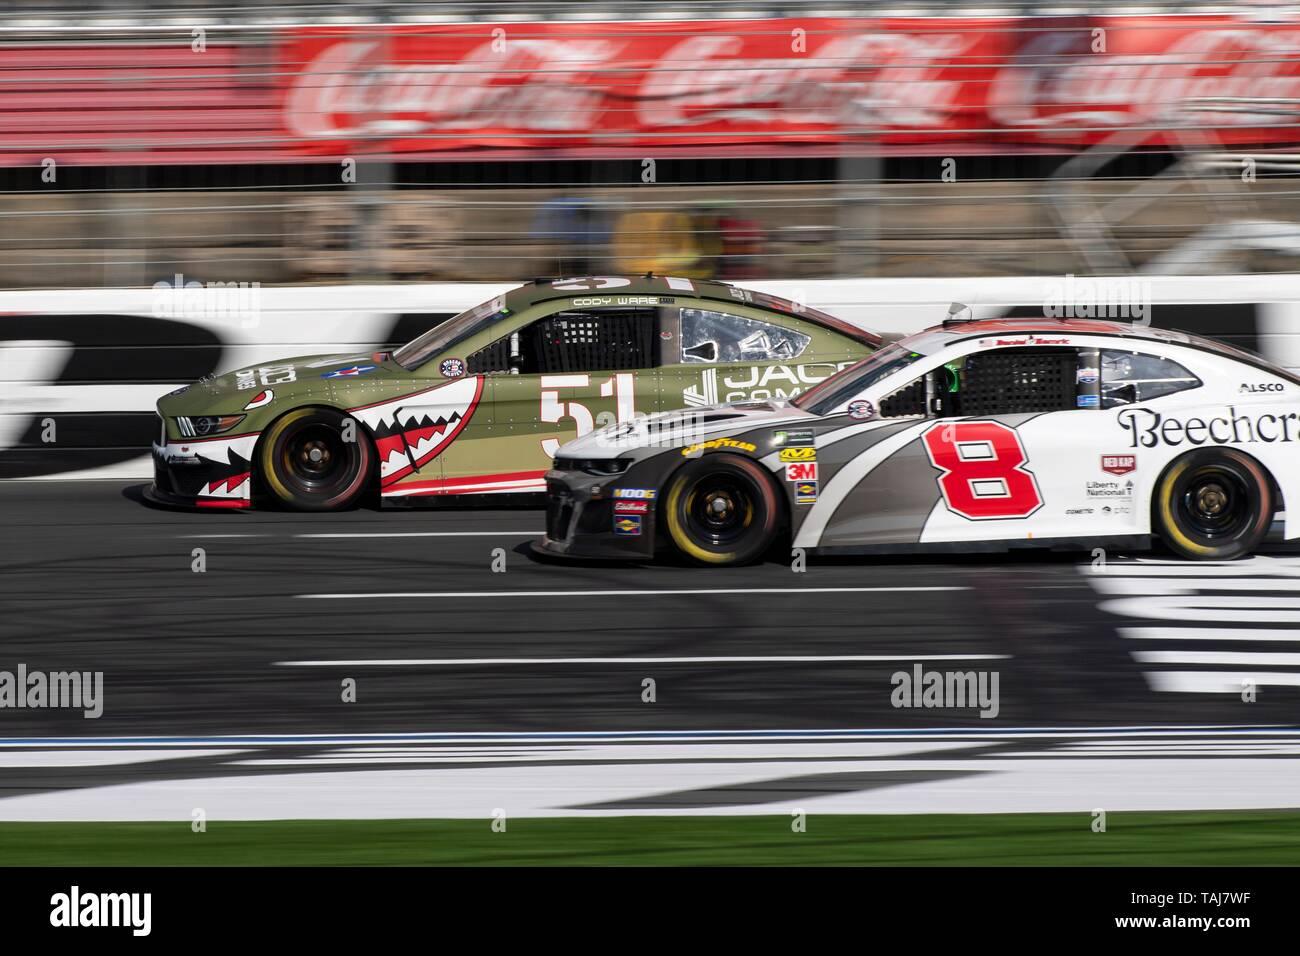 NASCAR Cody war driving #51 bordes fuera Daniel Hemric, #8 en la fase de clasificación para la Coca-Cola 600 en Charlotte Motor Speedway el 25 de mayo de 2019 en Concord, Carolina del Norte. Crédito: Planetpix/Alamy Live News Imagen De Stock